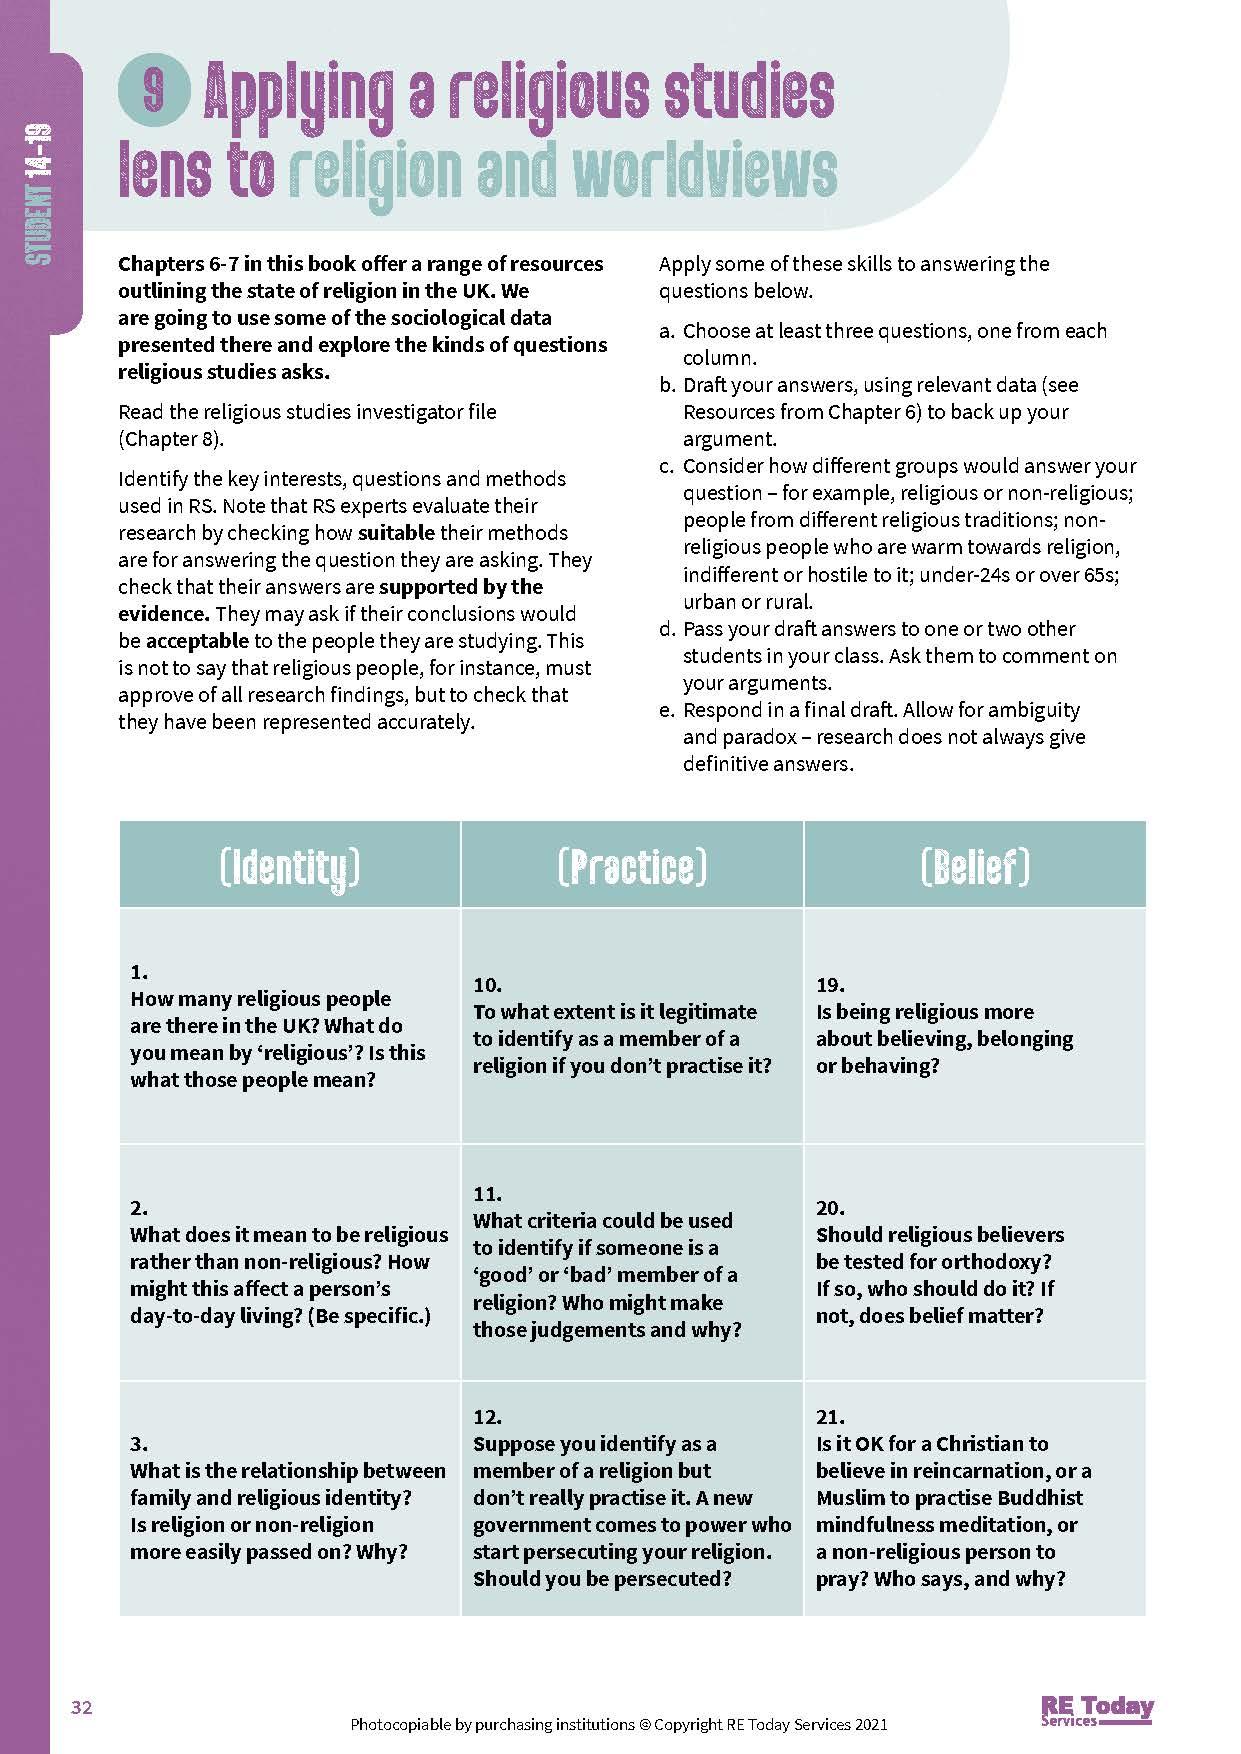 Applying a religious studies lens pp 32-33